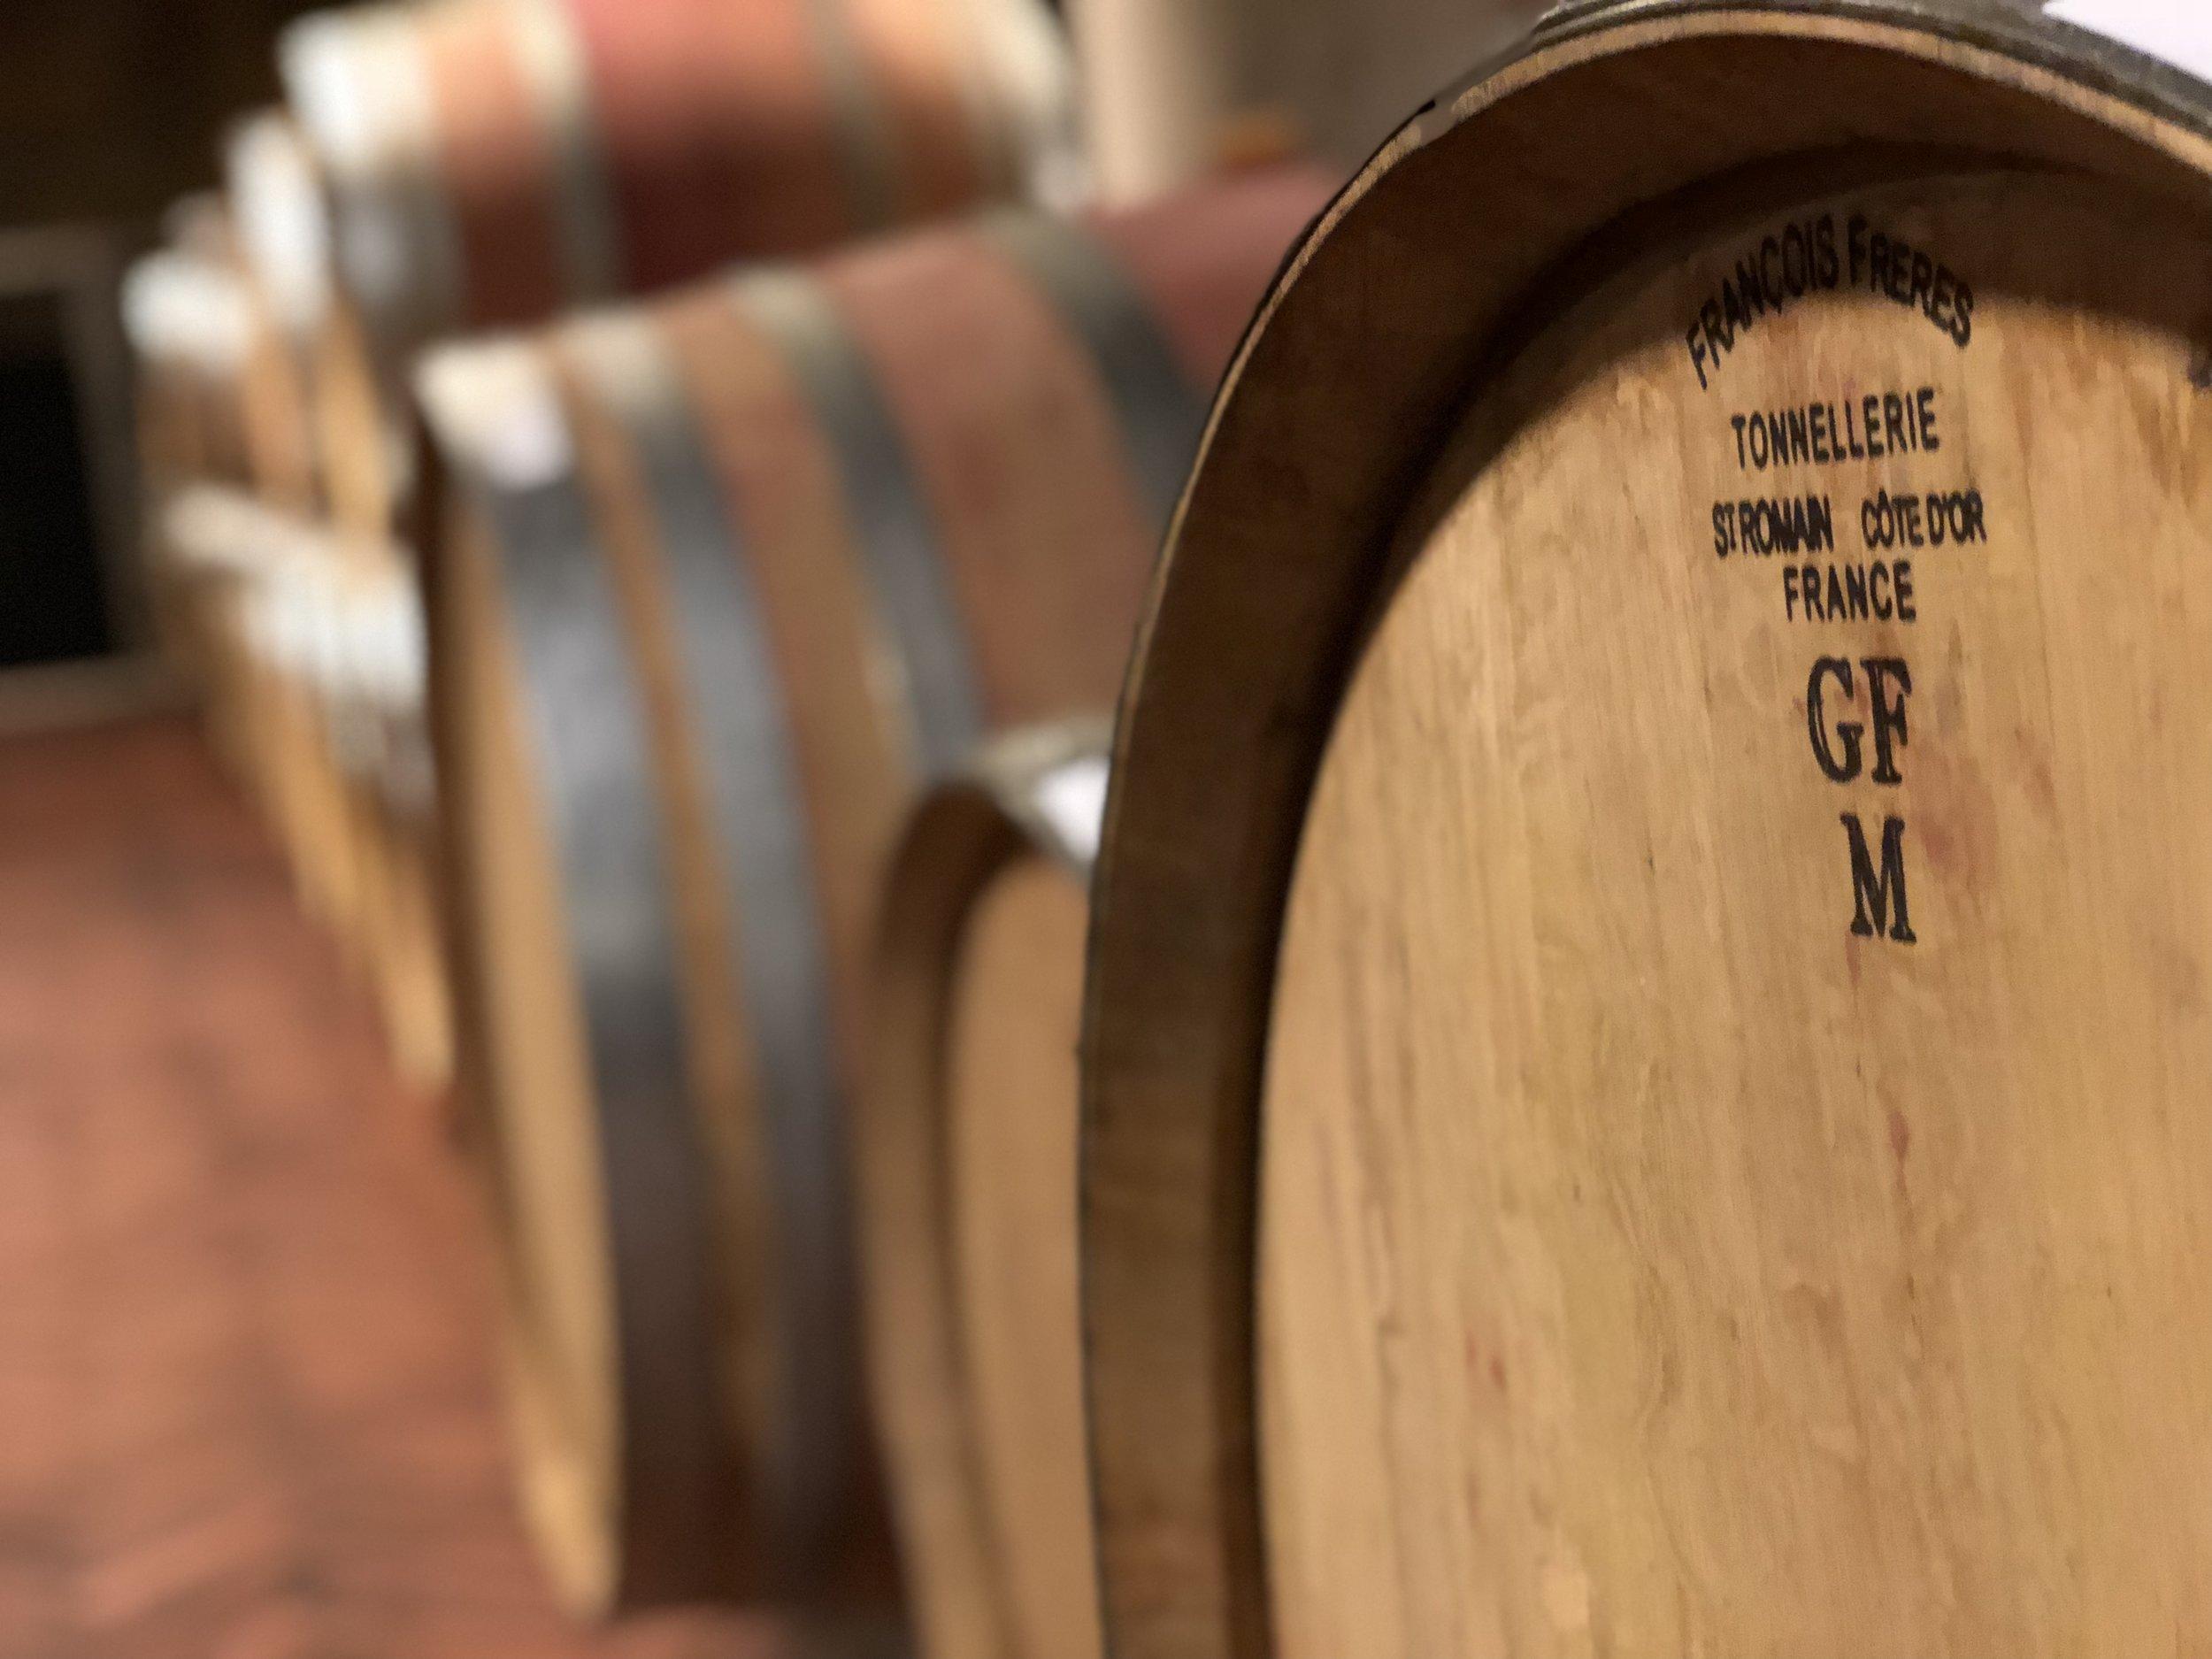 Corzano e Paterno oak barrels